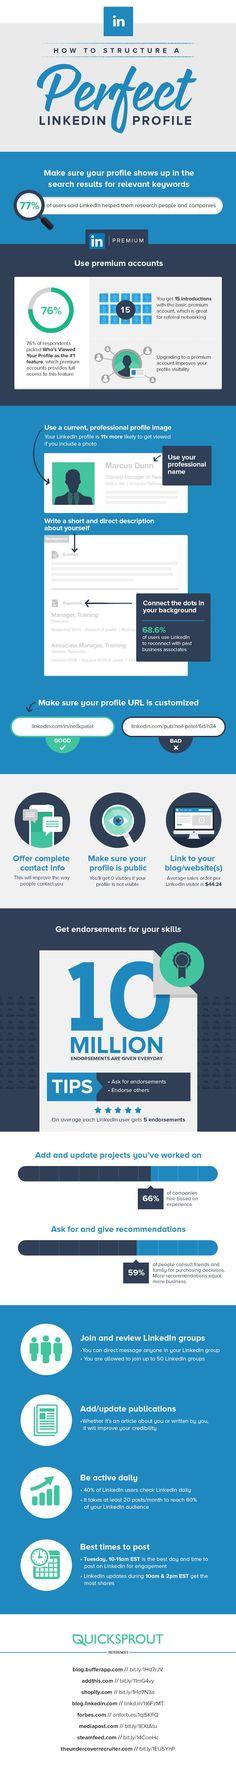 Réseau social professionnel incontournable, LinkedIn permet de générer du business et de rechercher des opportunités professionnelles !